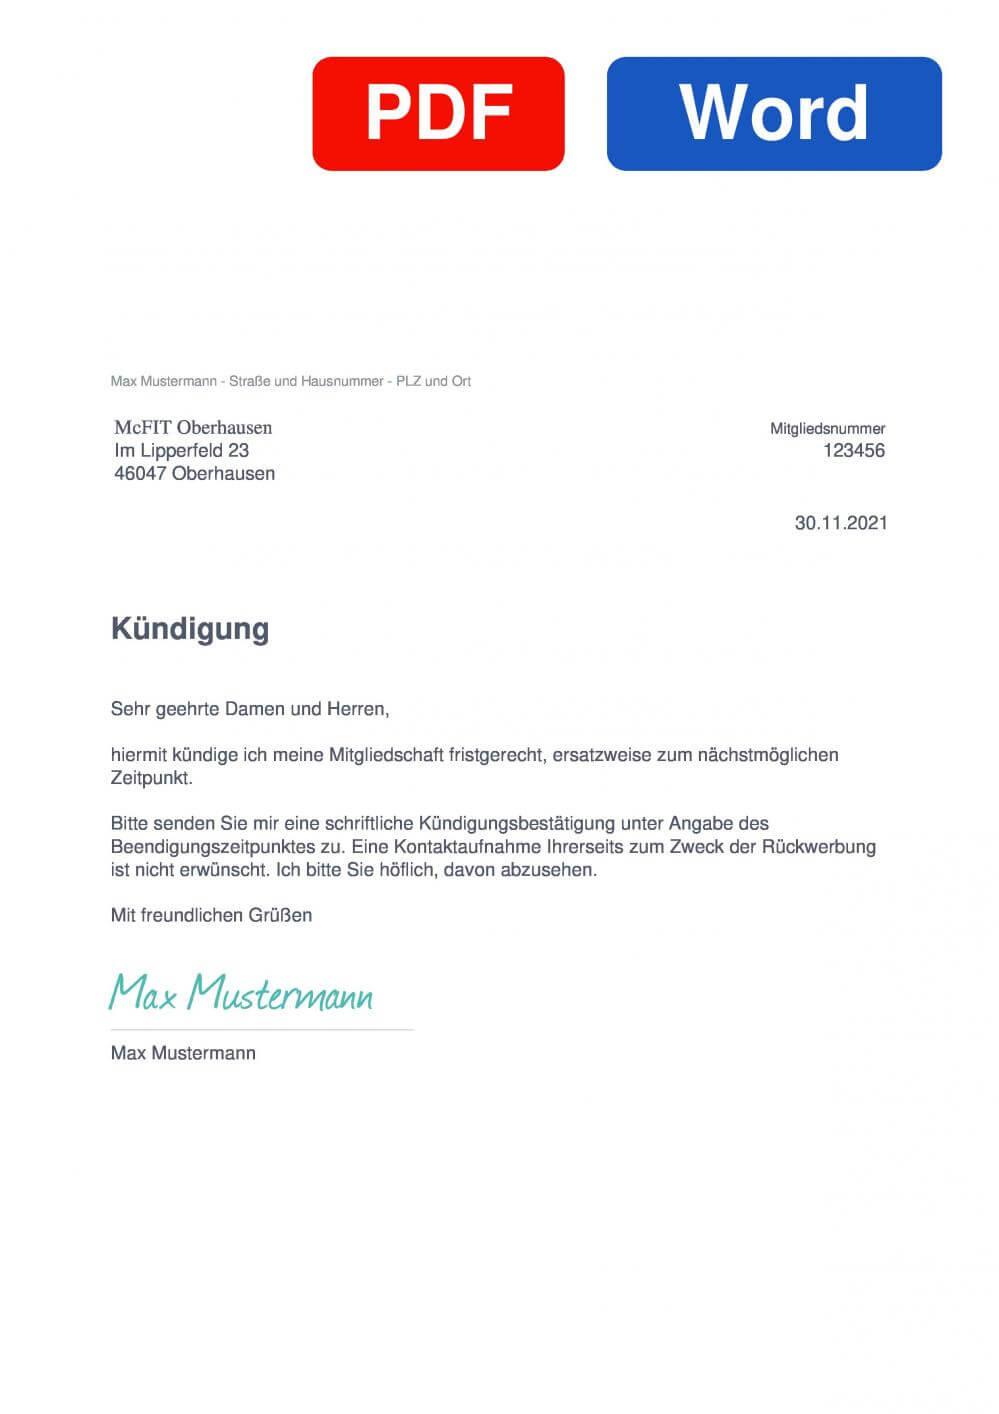 McFIT Oberhausen Muster Vorlage für Kündigungsschreiben